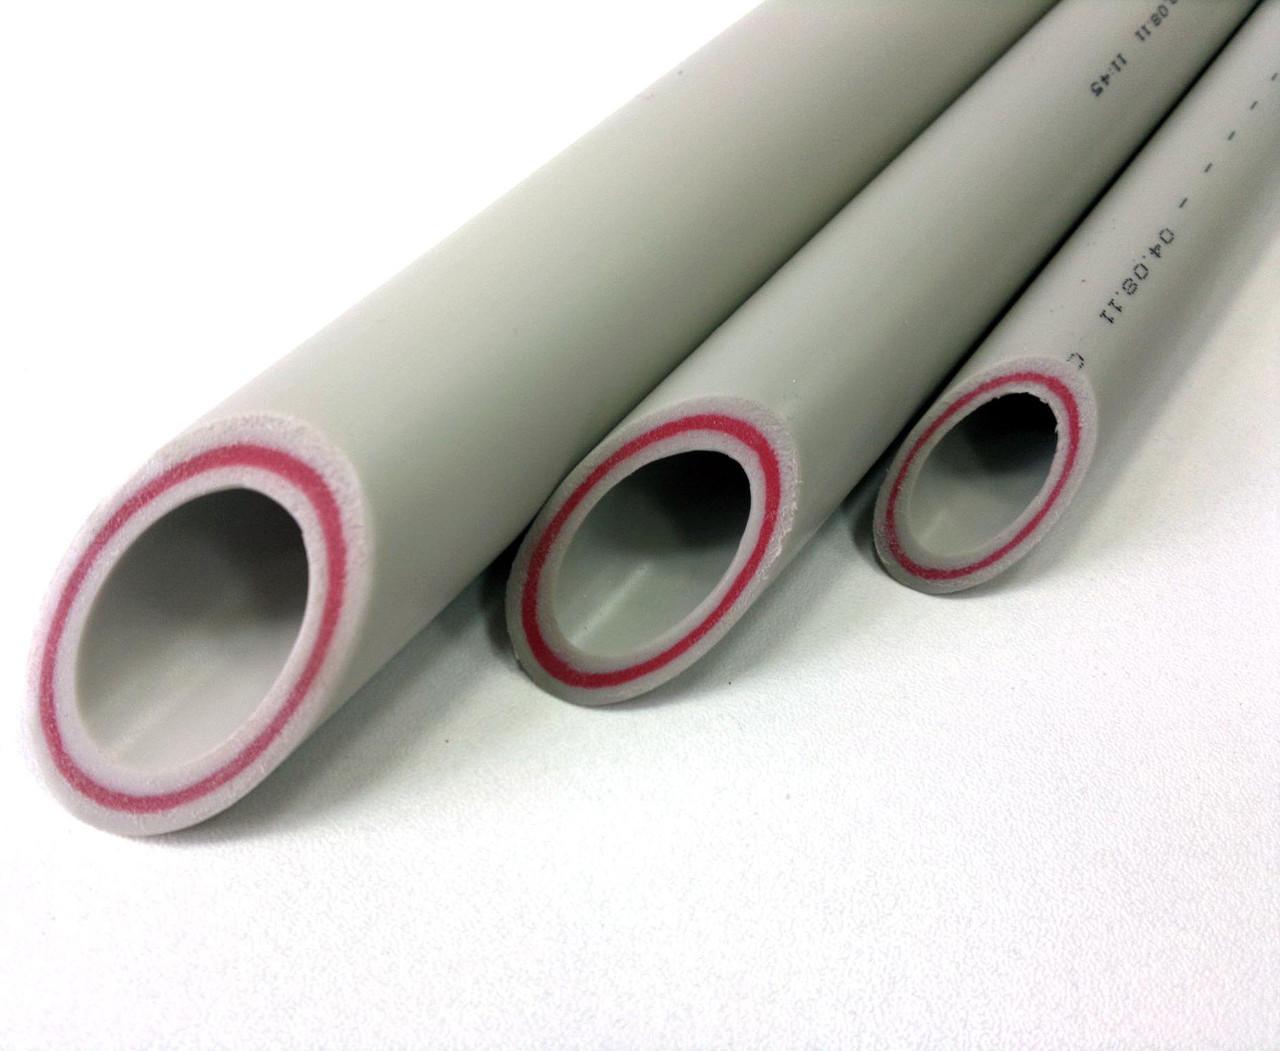 Труба стекловолокно PN 20 (Firat), Диаметр (d) — 50 мм, Толщина стенки (s) (мм) — 8,4 мм, (min длина - 4 м)